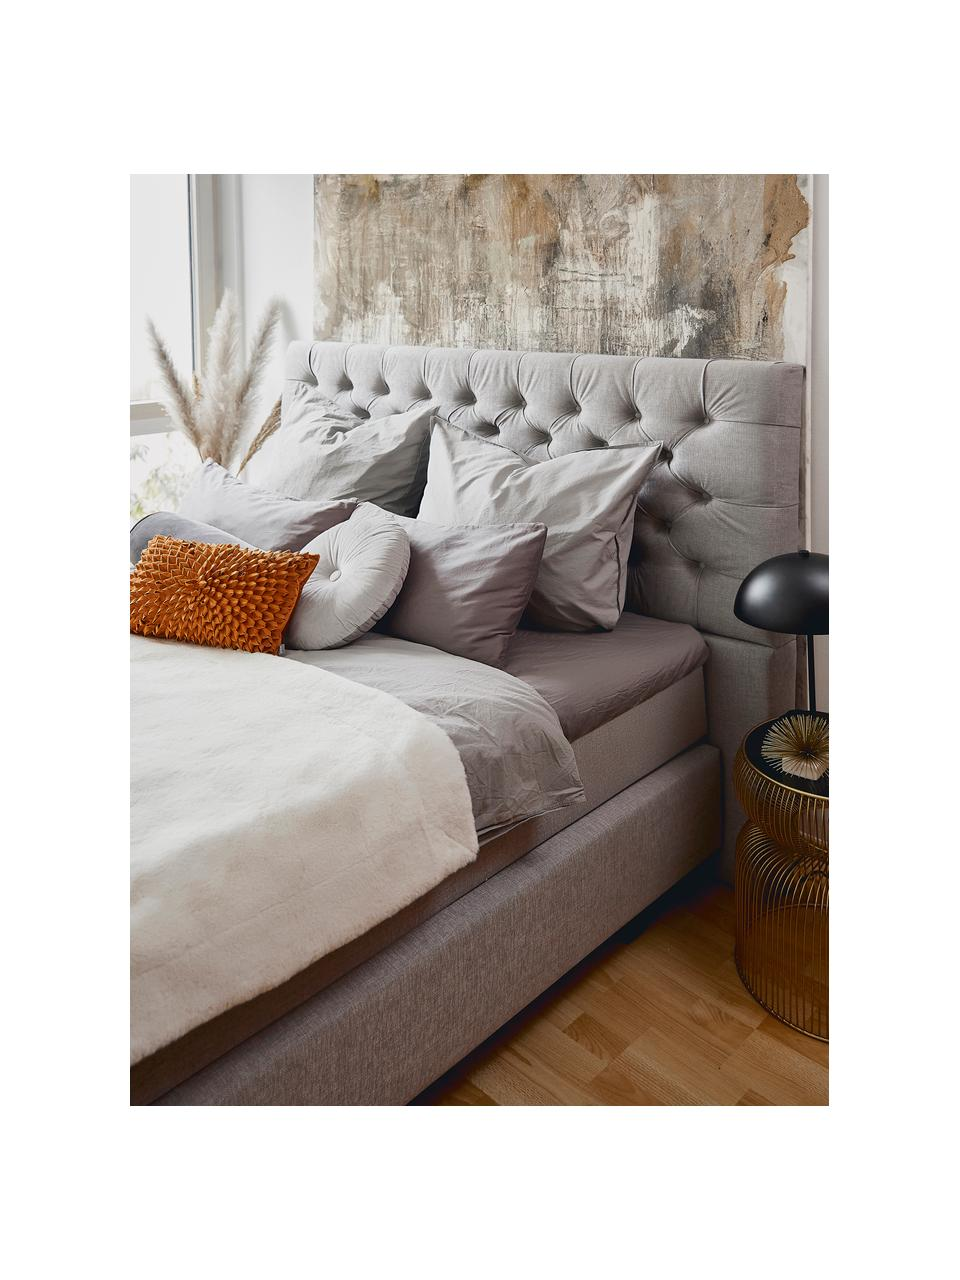 Letto boxspring premium in velluto grigio con contenitore Phebe, Materasso: nucleo a 5 zone di molle , Piedini: legno di betulla massicci, Velluto grigio, 200 x 200 cm